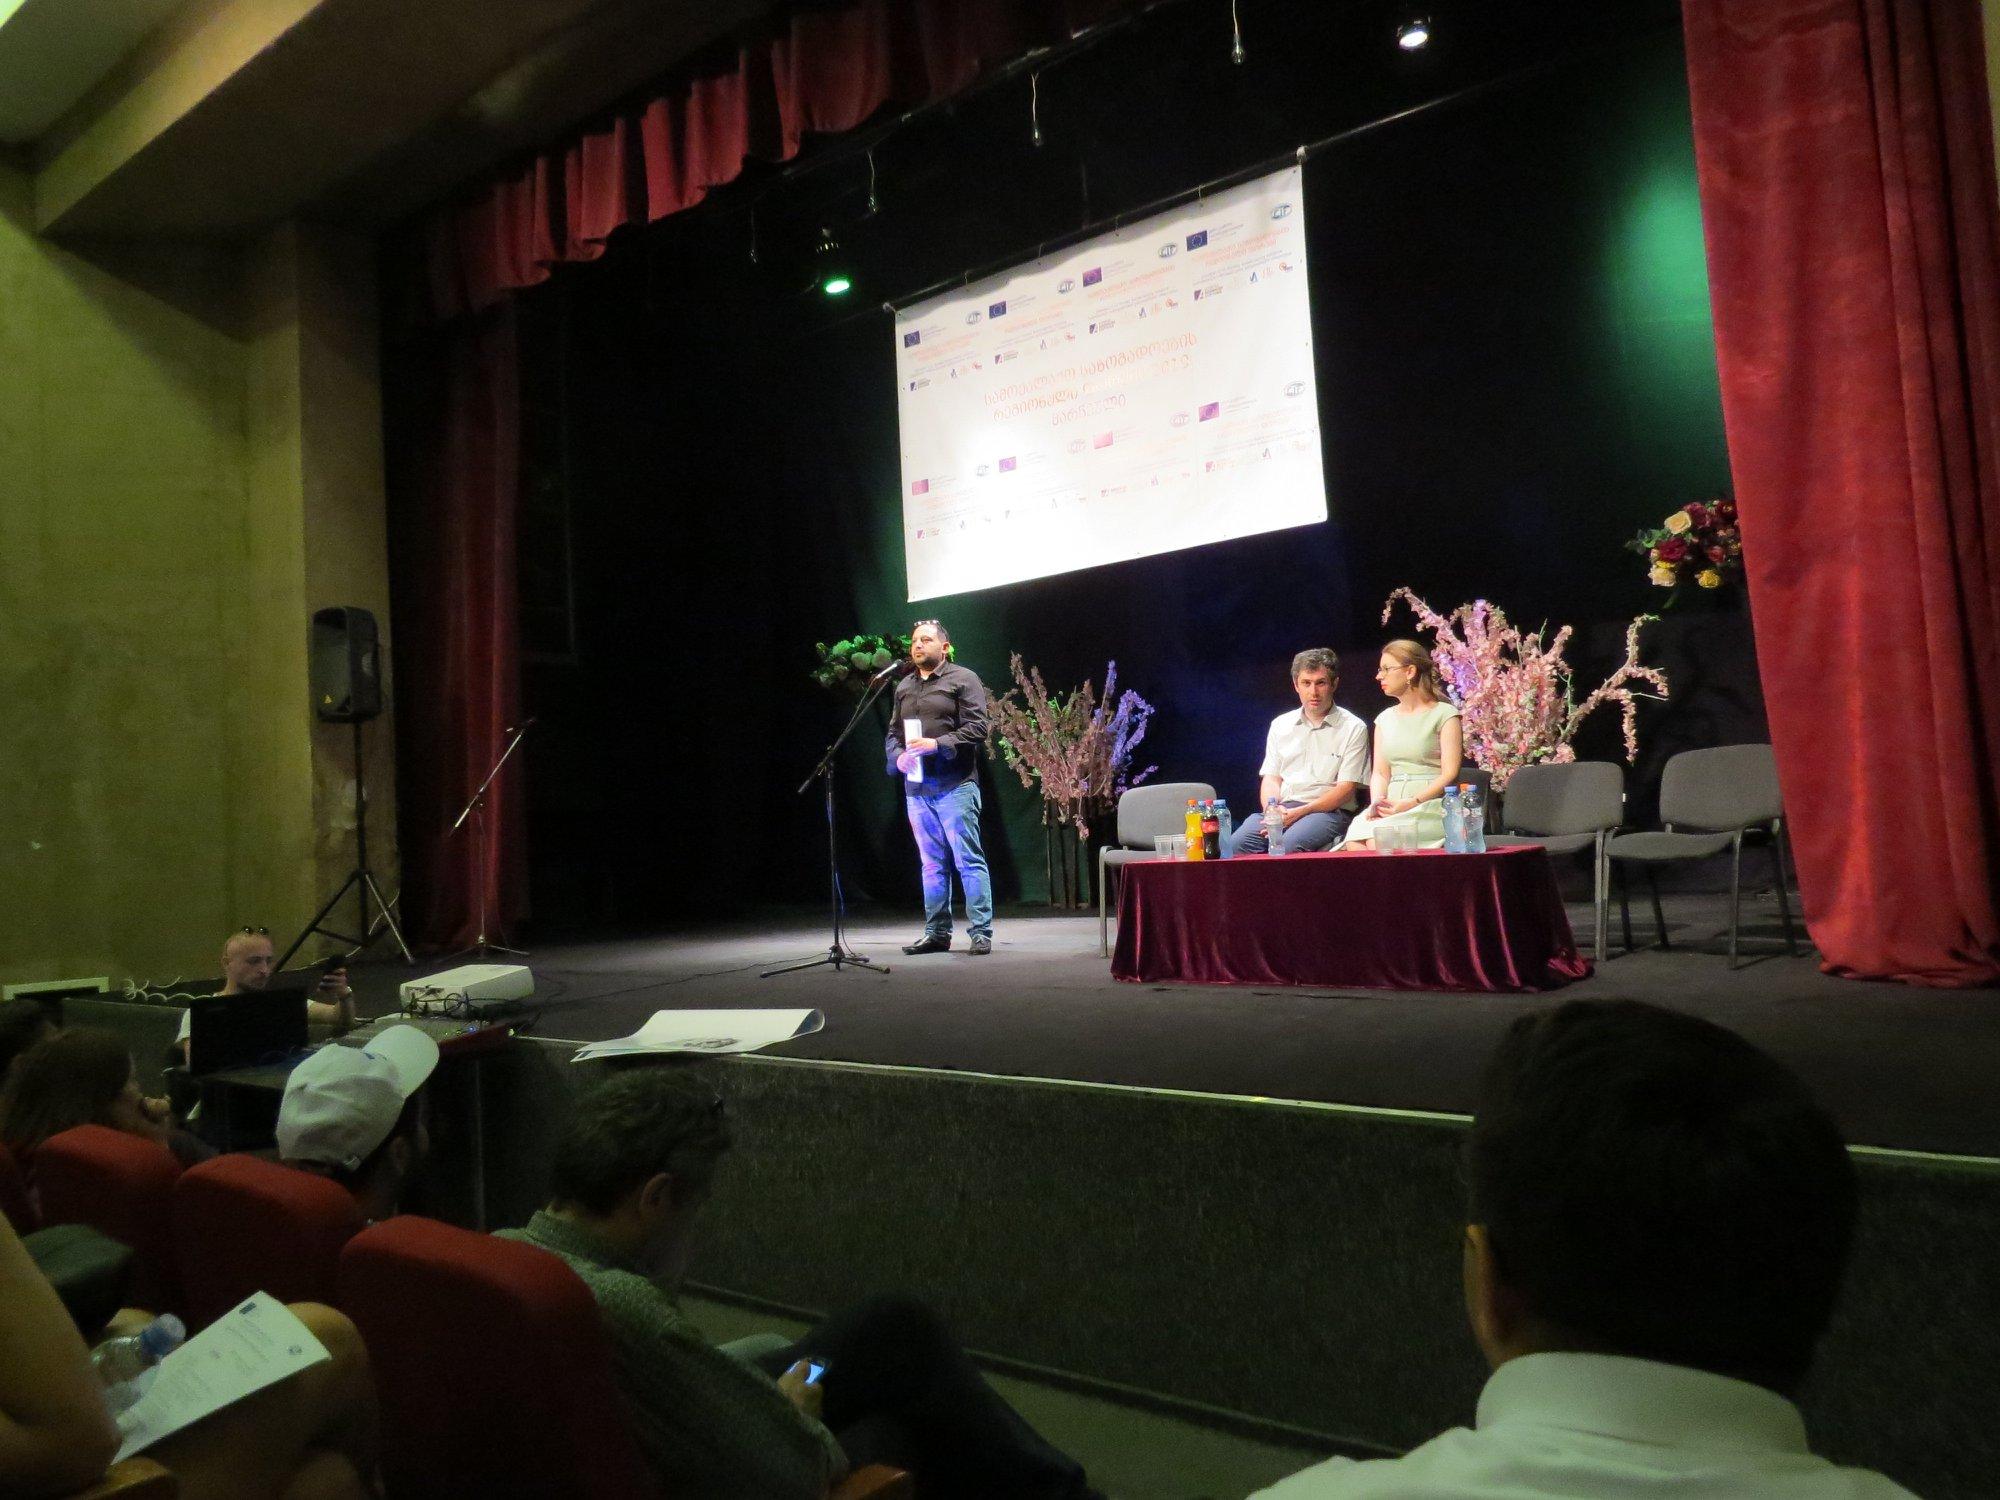 სამოქალაქო საზოგადოების განვითარების ინიციატივა - მოხალისეობის ფორუმი 2019